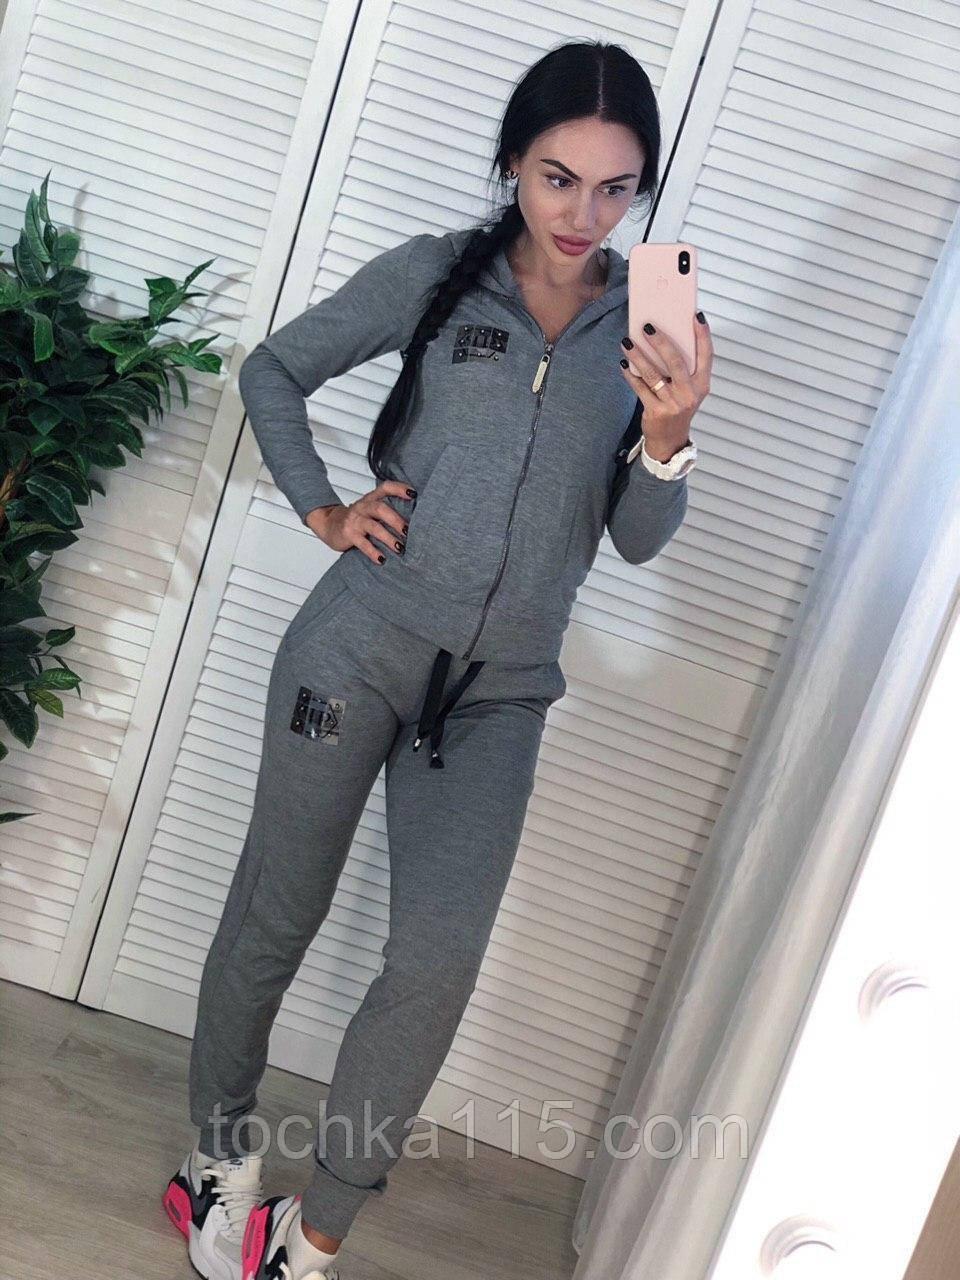 Стильный спортивный костюм, турецкий трикотаж, S/M/L/XL, цвет серый